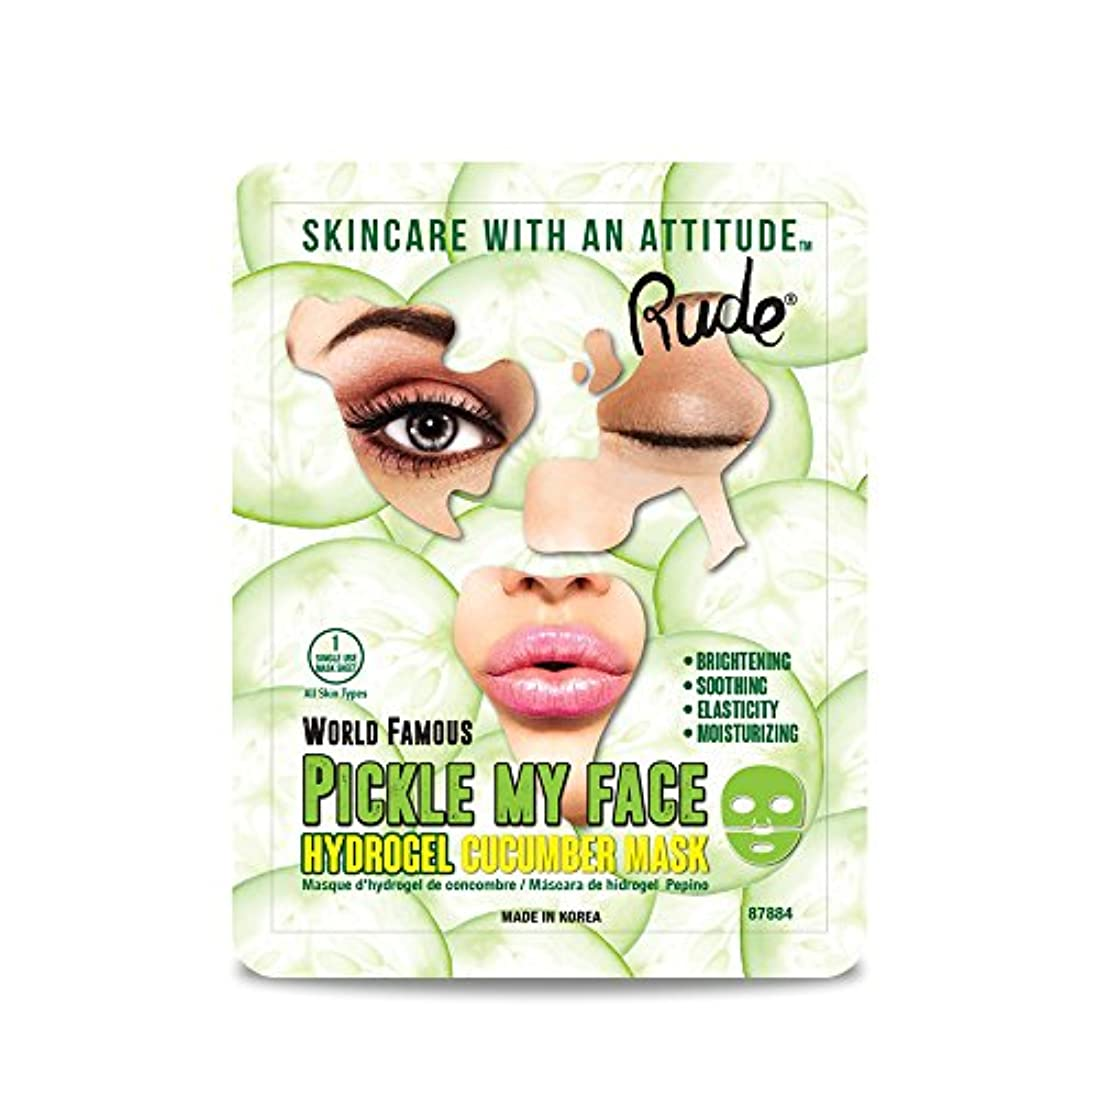 インポート壁紙払い戻し(3 Pack) RUDE Pickle My Face Hydrogel Cucumber Mask (並行輸入品)